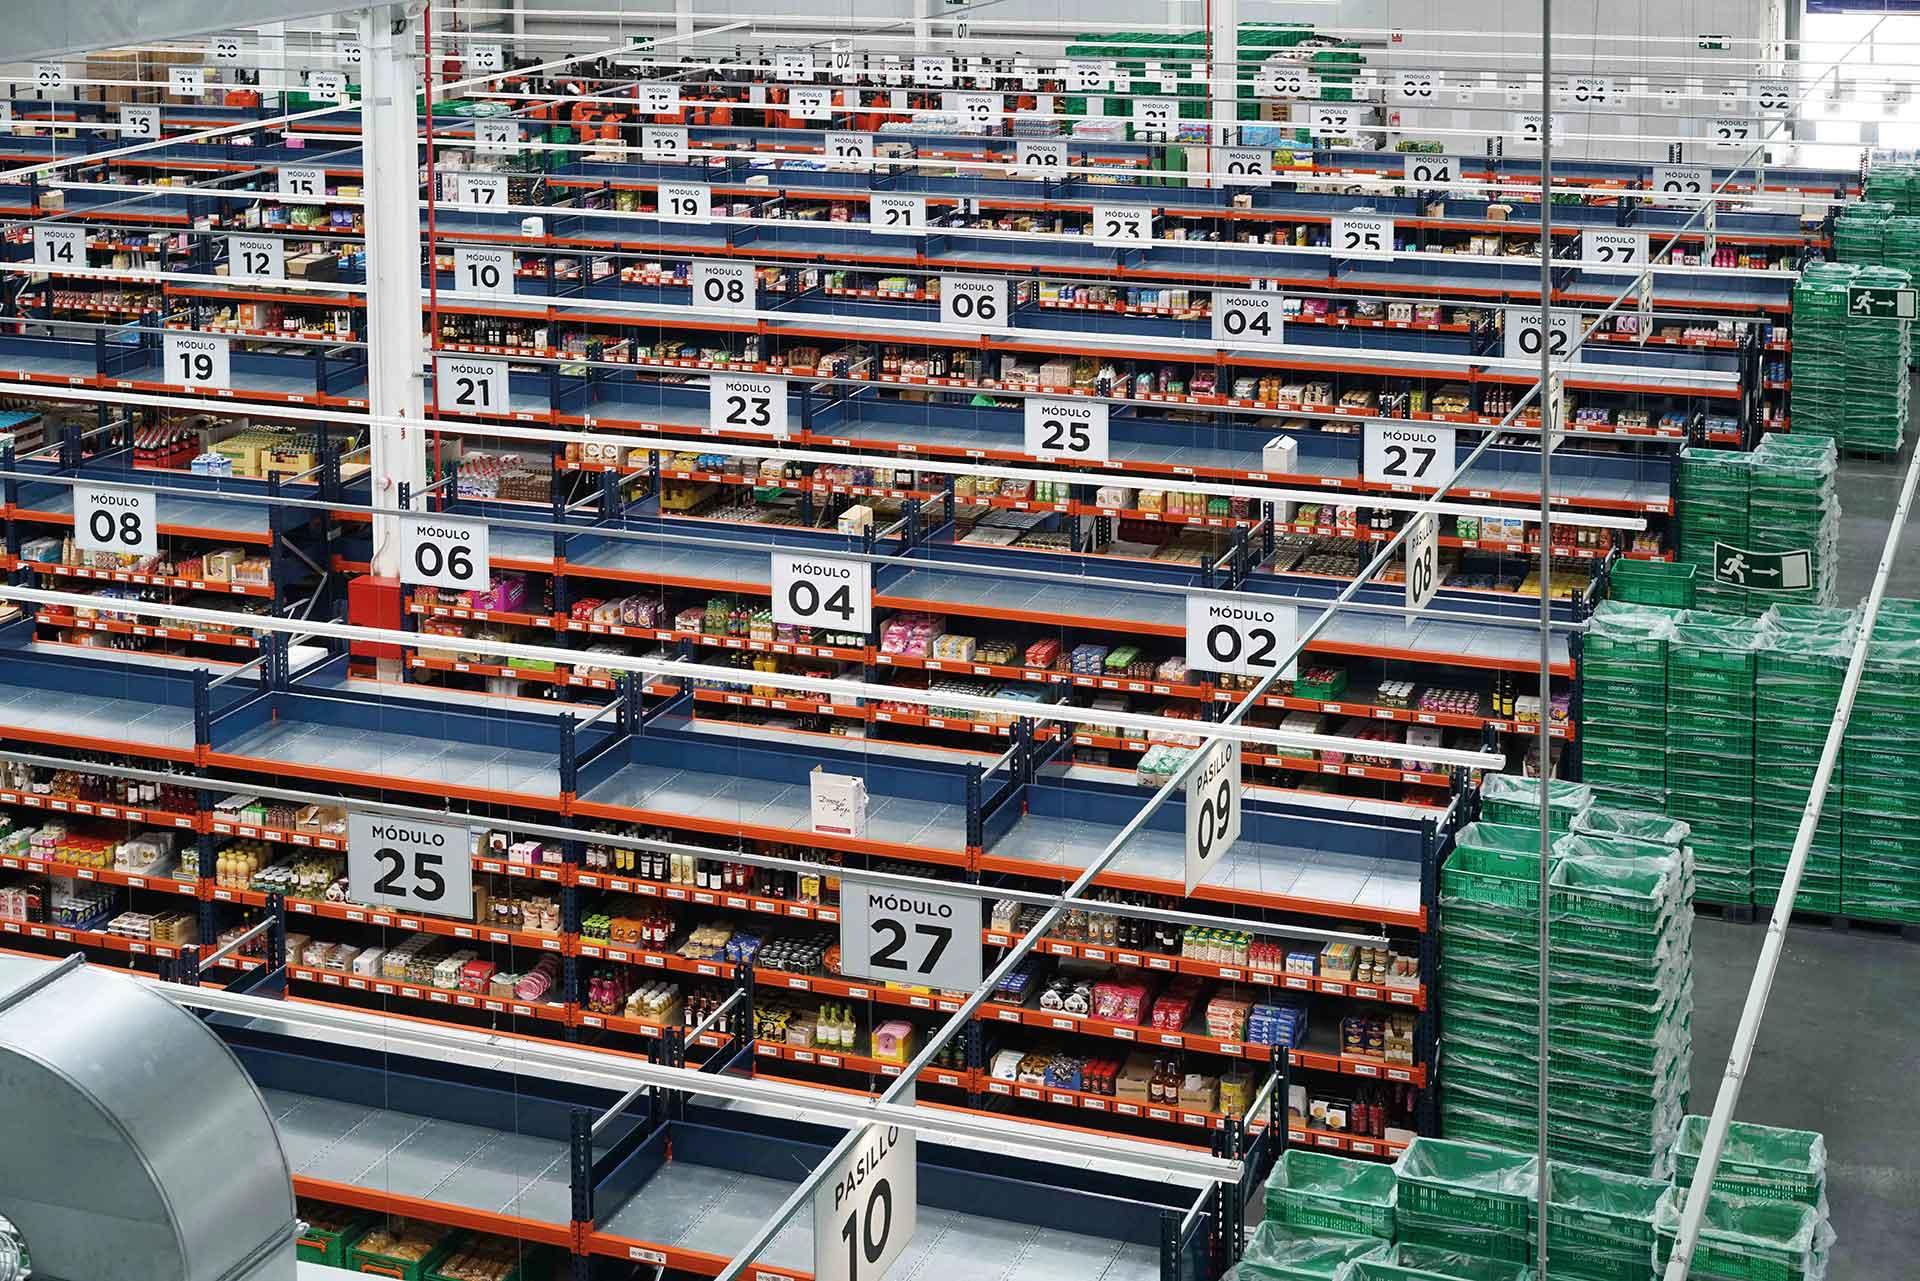 Unternehmen wie Carrefour, Amazon oder Mercadona nutzen diesen logistischen Trend bereits